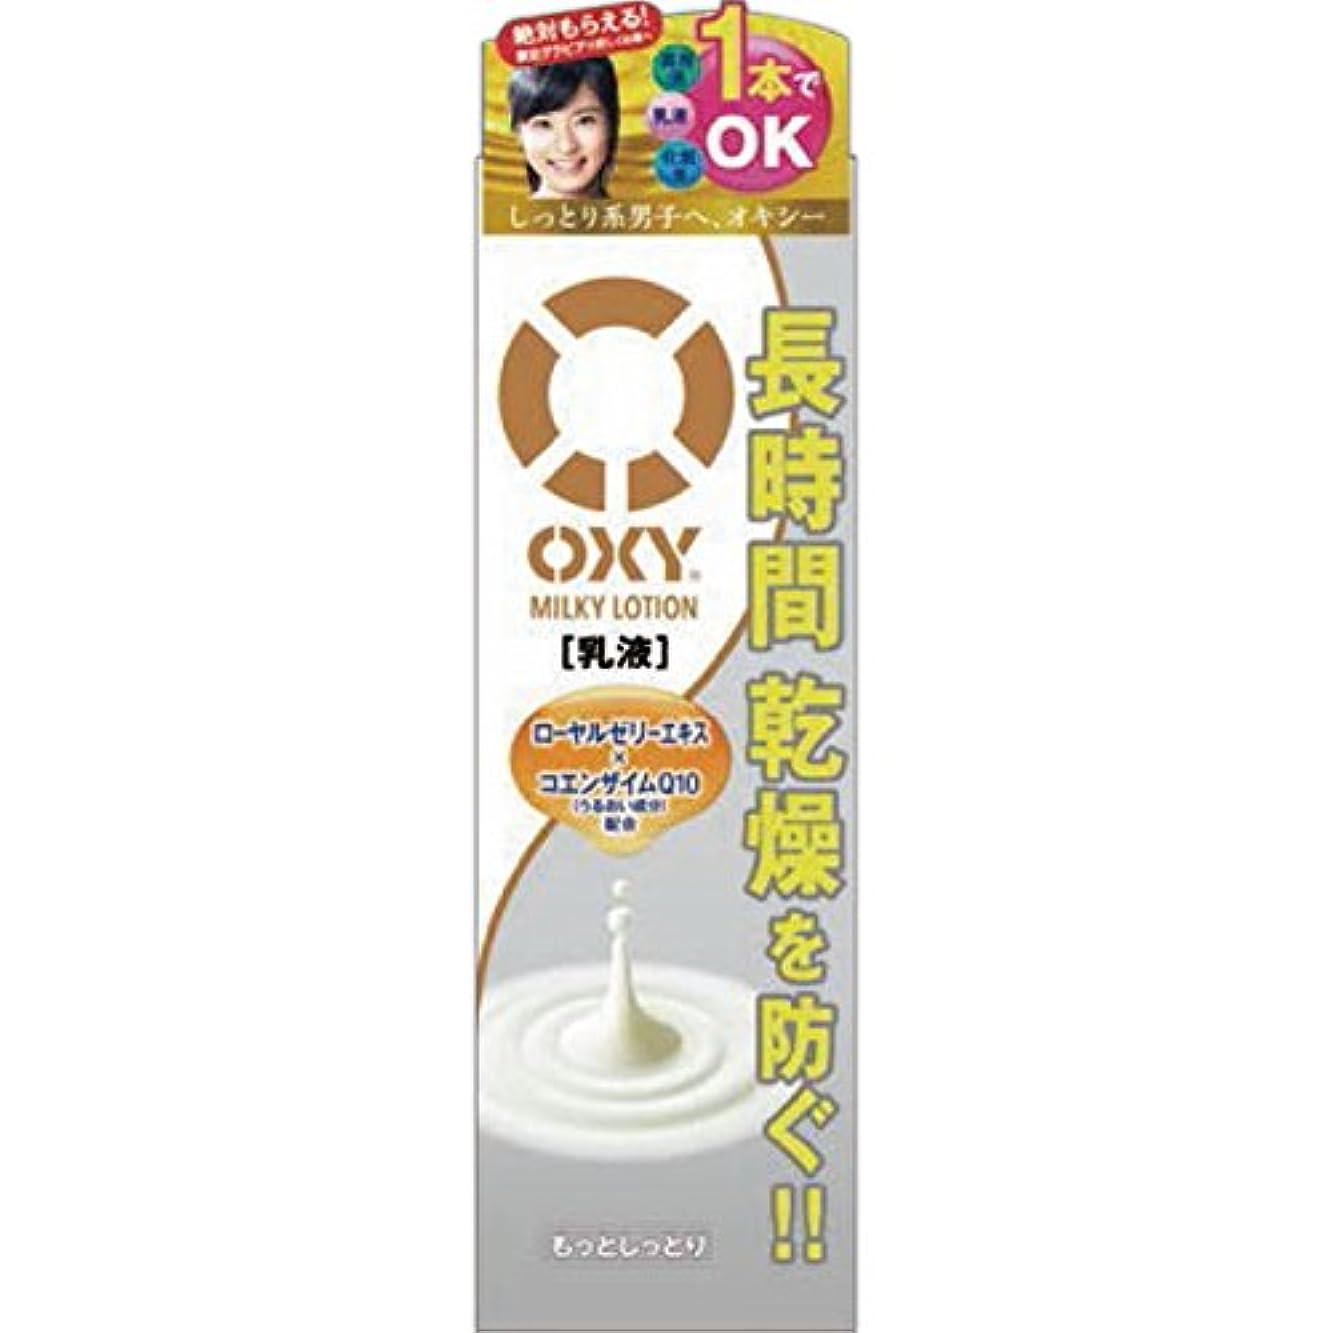 夫アプライアンスそこオキシー (Oxy) ミルキーローション オールインワン乳液 スーパーヒアルロン酸×ローヤルゼリー配合 ゼラニウムの香 170mL